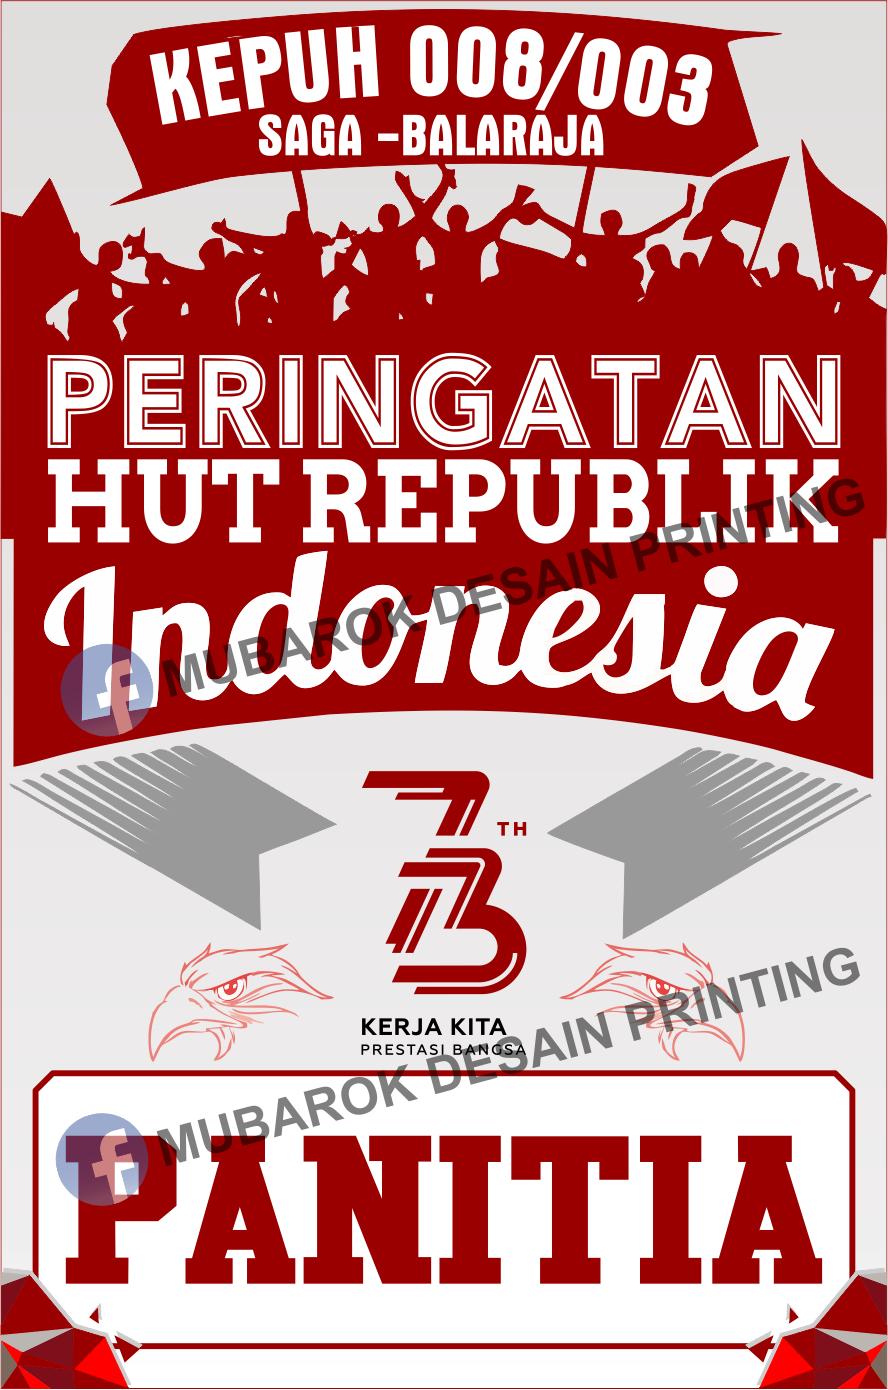 Desain ID Card Panitia HUT RI 73 Tahun 2018 Kepuh Saga cdr